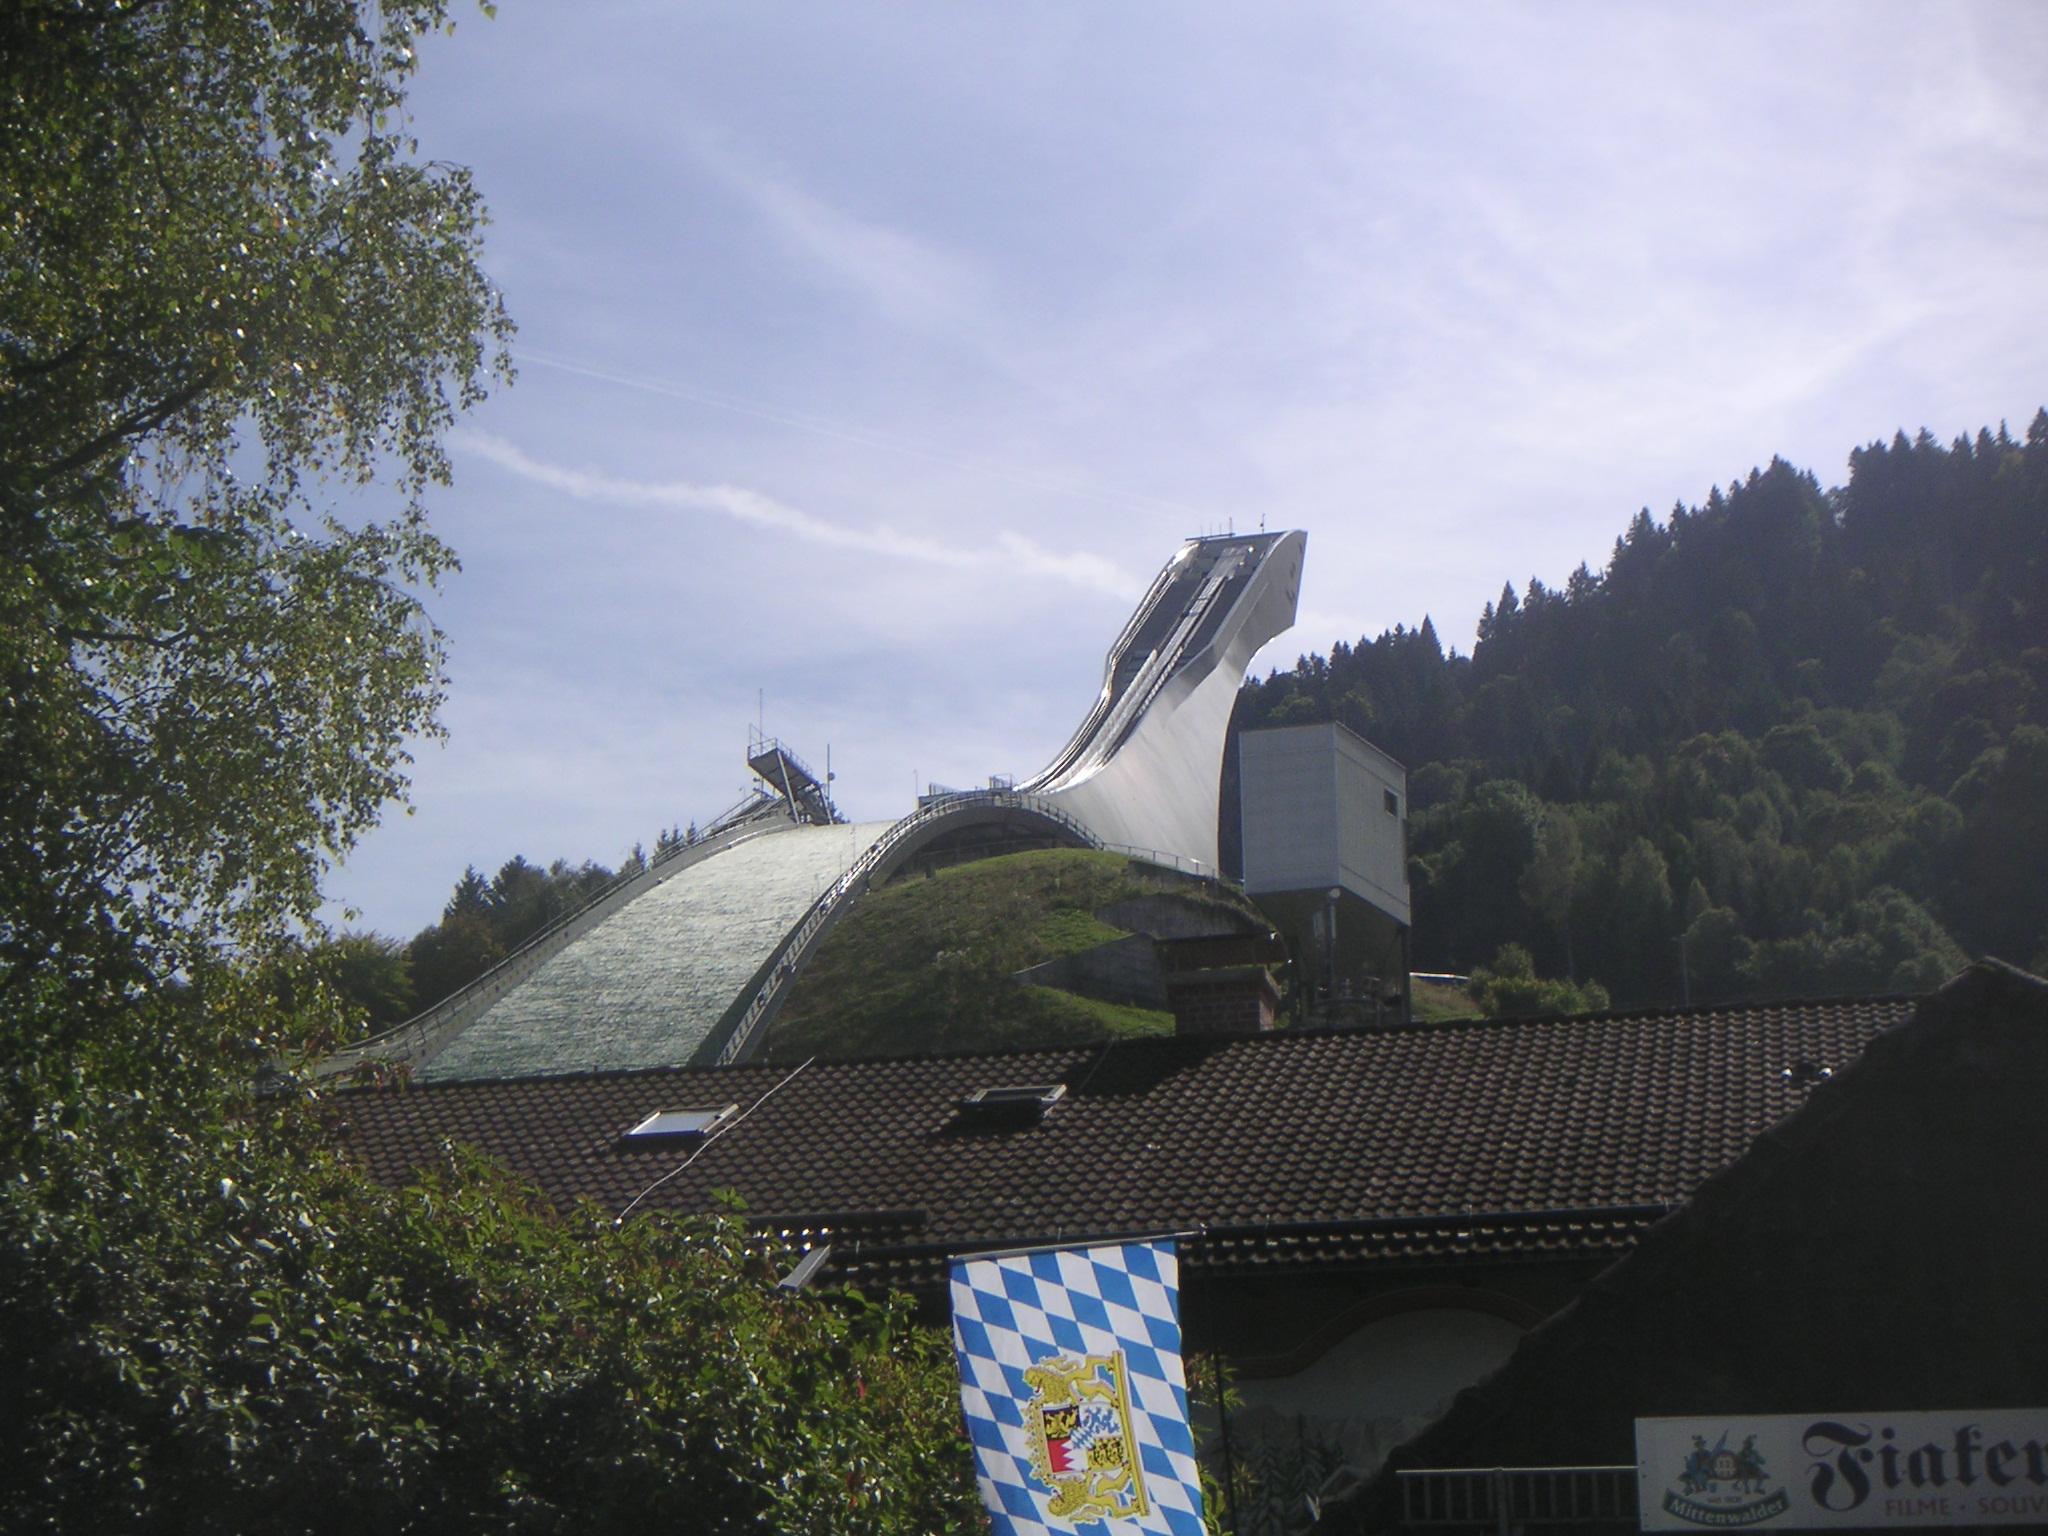 Große Olympiaschanze in Garmisch-Partenkirchen